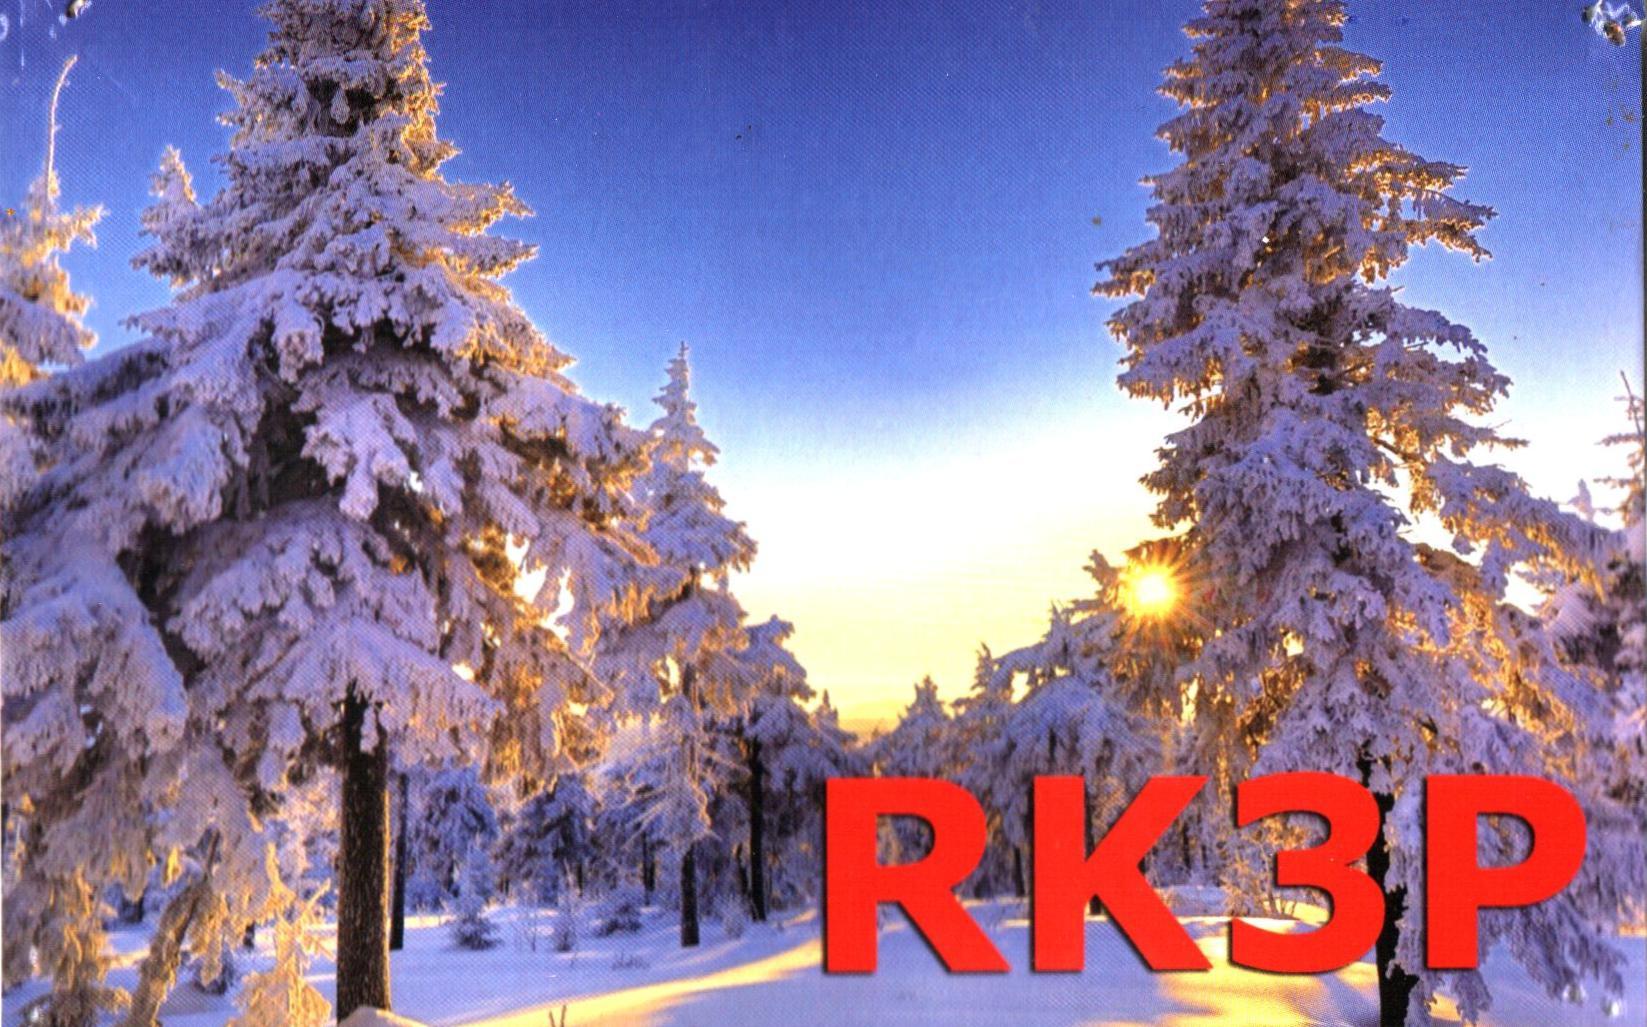 Нажмите на изображение для увеличения.  Название:RK3P-2017-1s.jpg Просмотров:5 Размер:284.3 Кб ID:220126